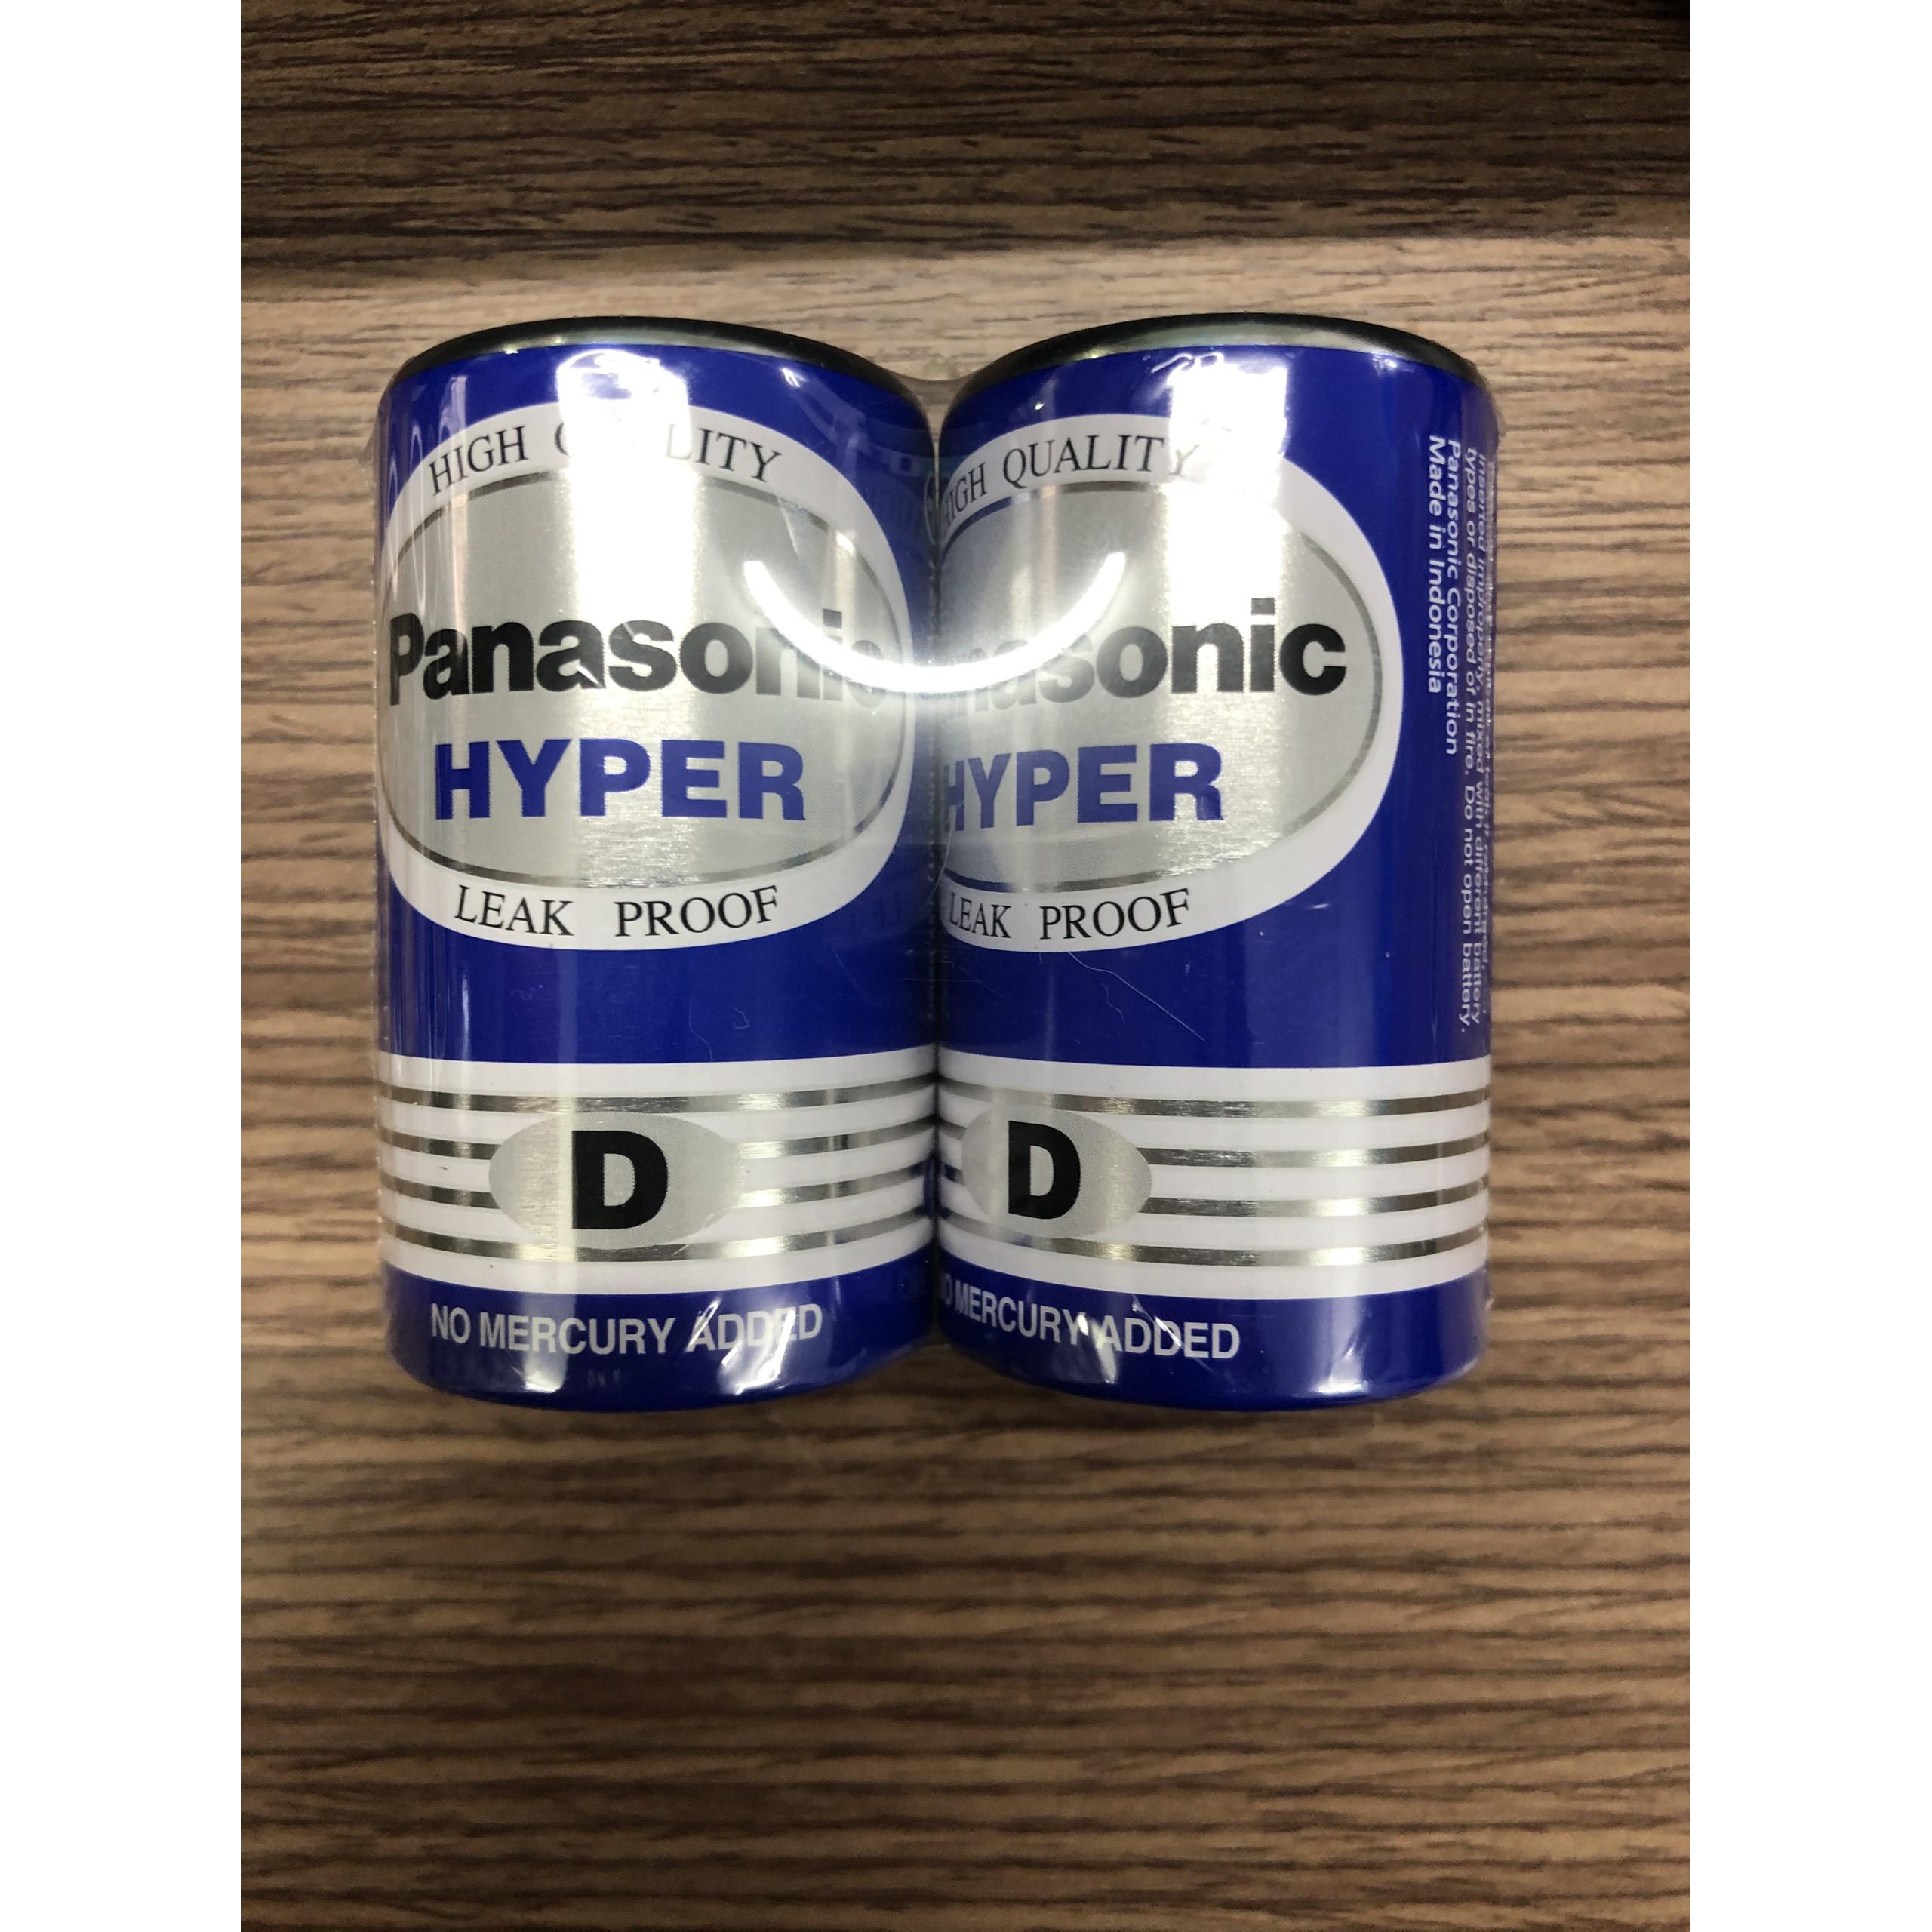 Pin D Carbon Panasonic R20UT/2S chính hãng